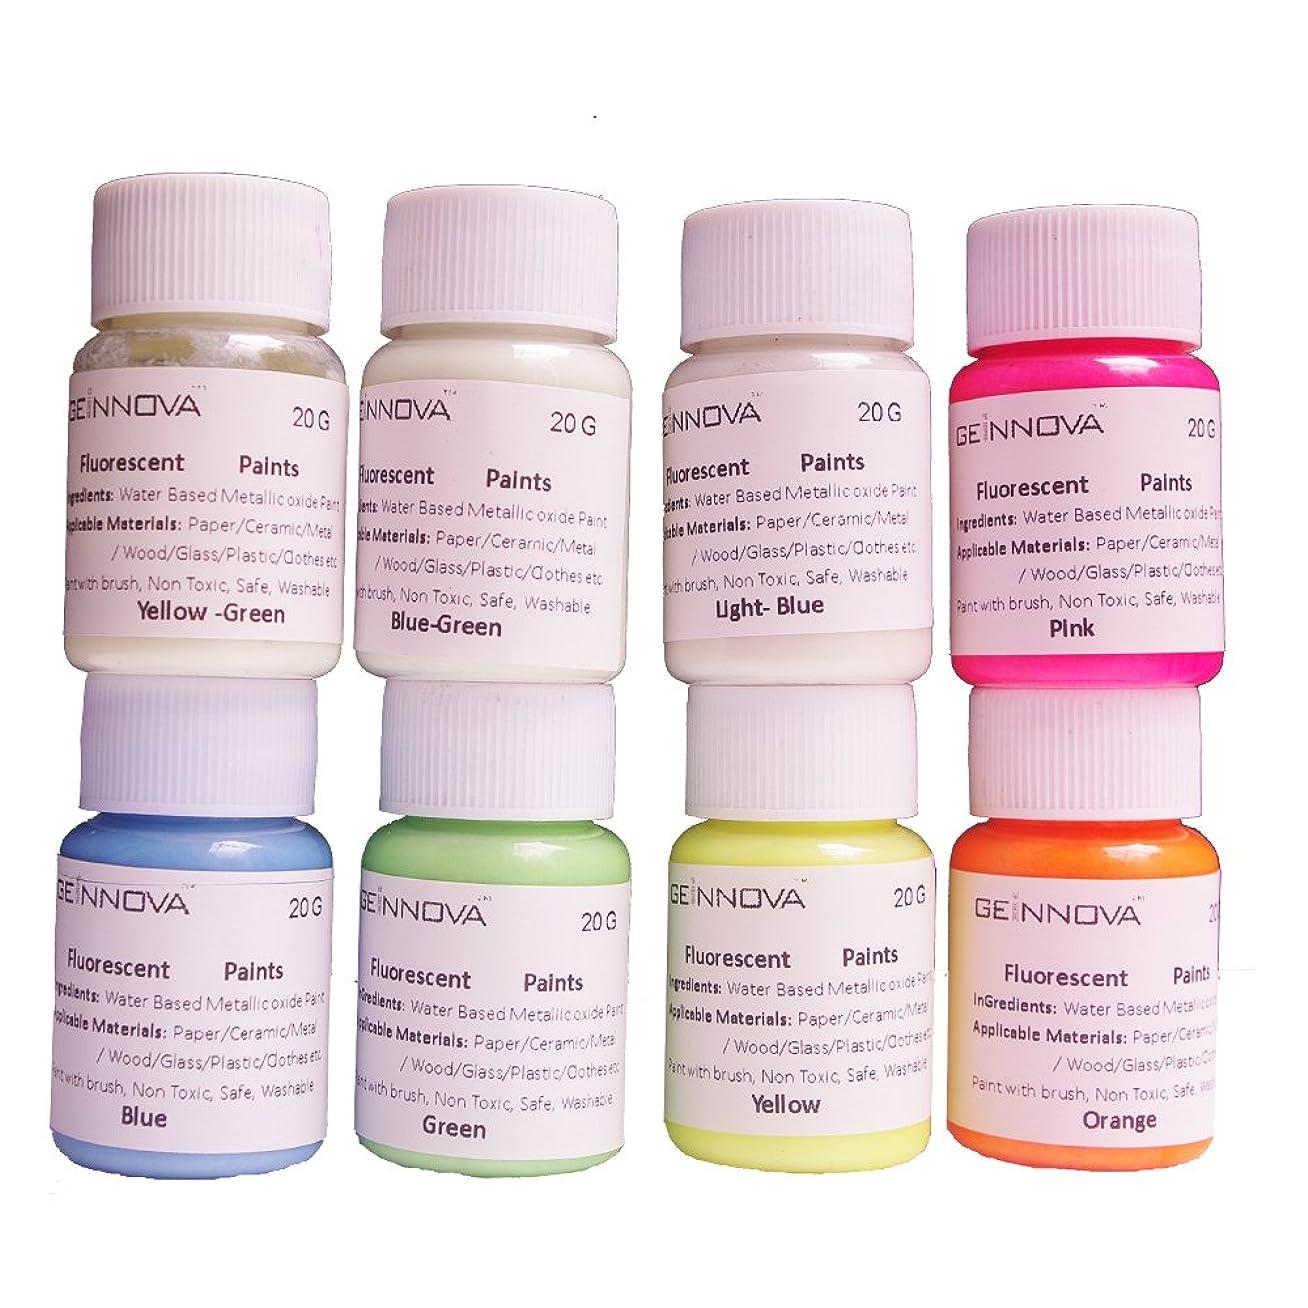 枯れる分子スイス人aiMaKE 水筆 水筆ペン ウオーターブラシ 水彩画用筆7本セット(平筆/丸筆) 水彩パレット1個 付き